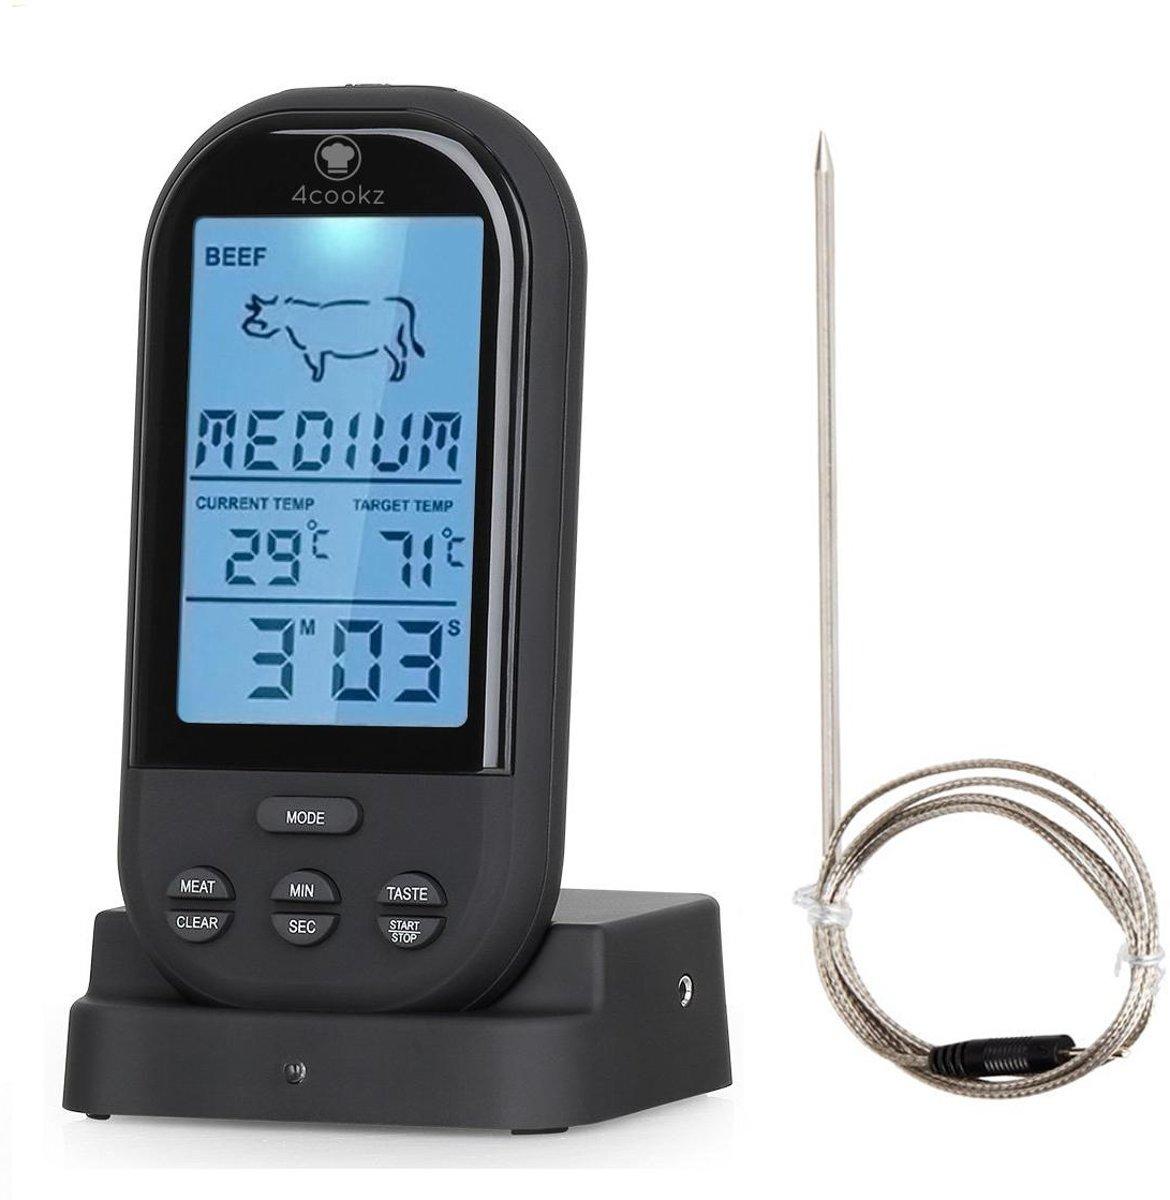 4cookz Draadloze vleesthermometer/BBQ thermometer - Zwart - 0° - 250° kopen